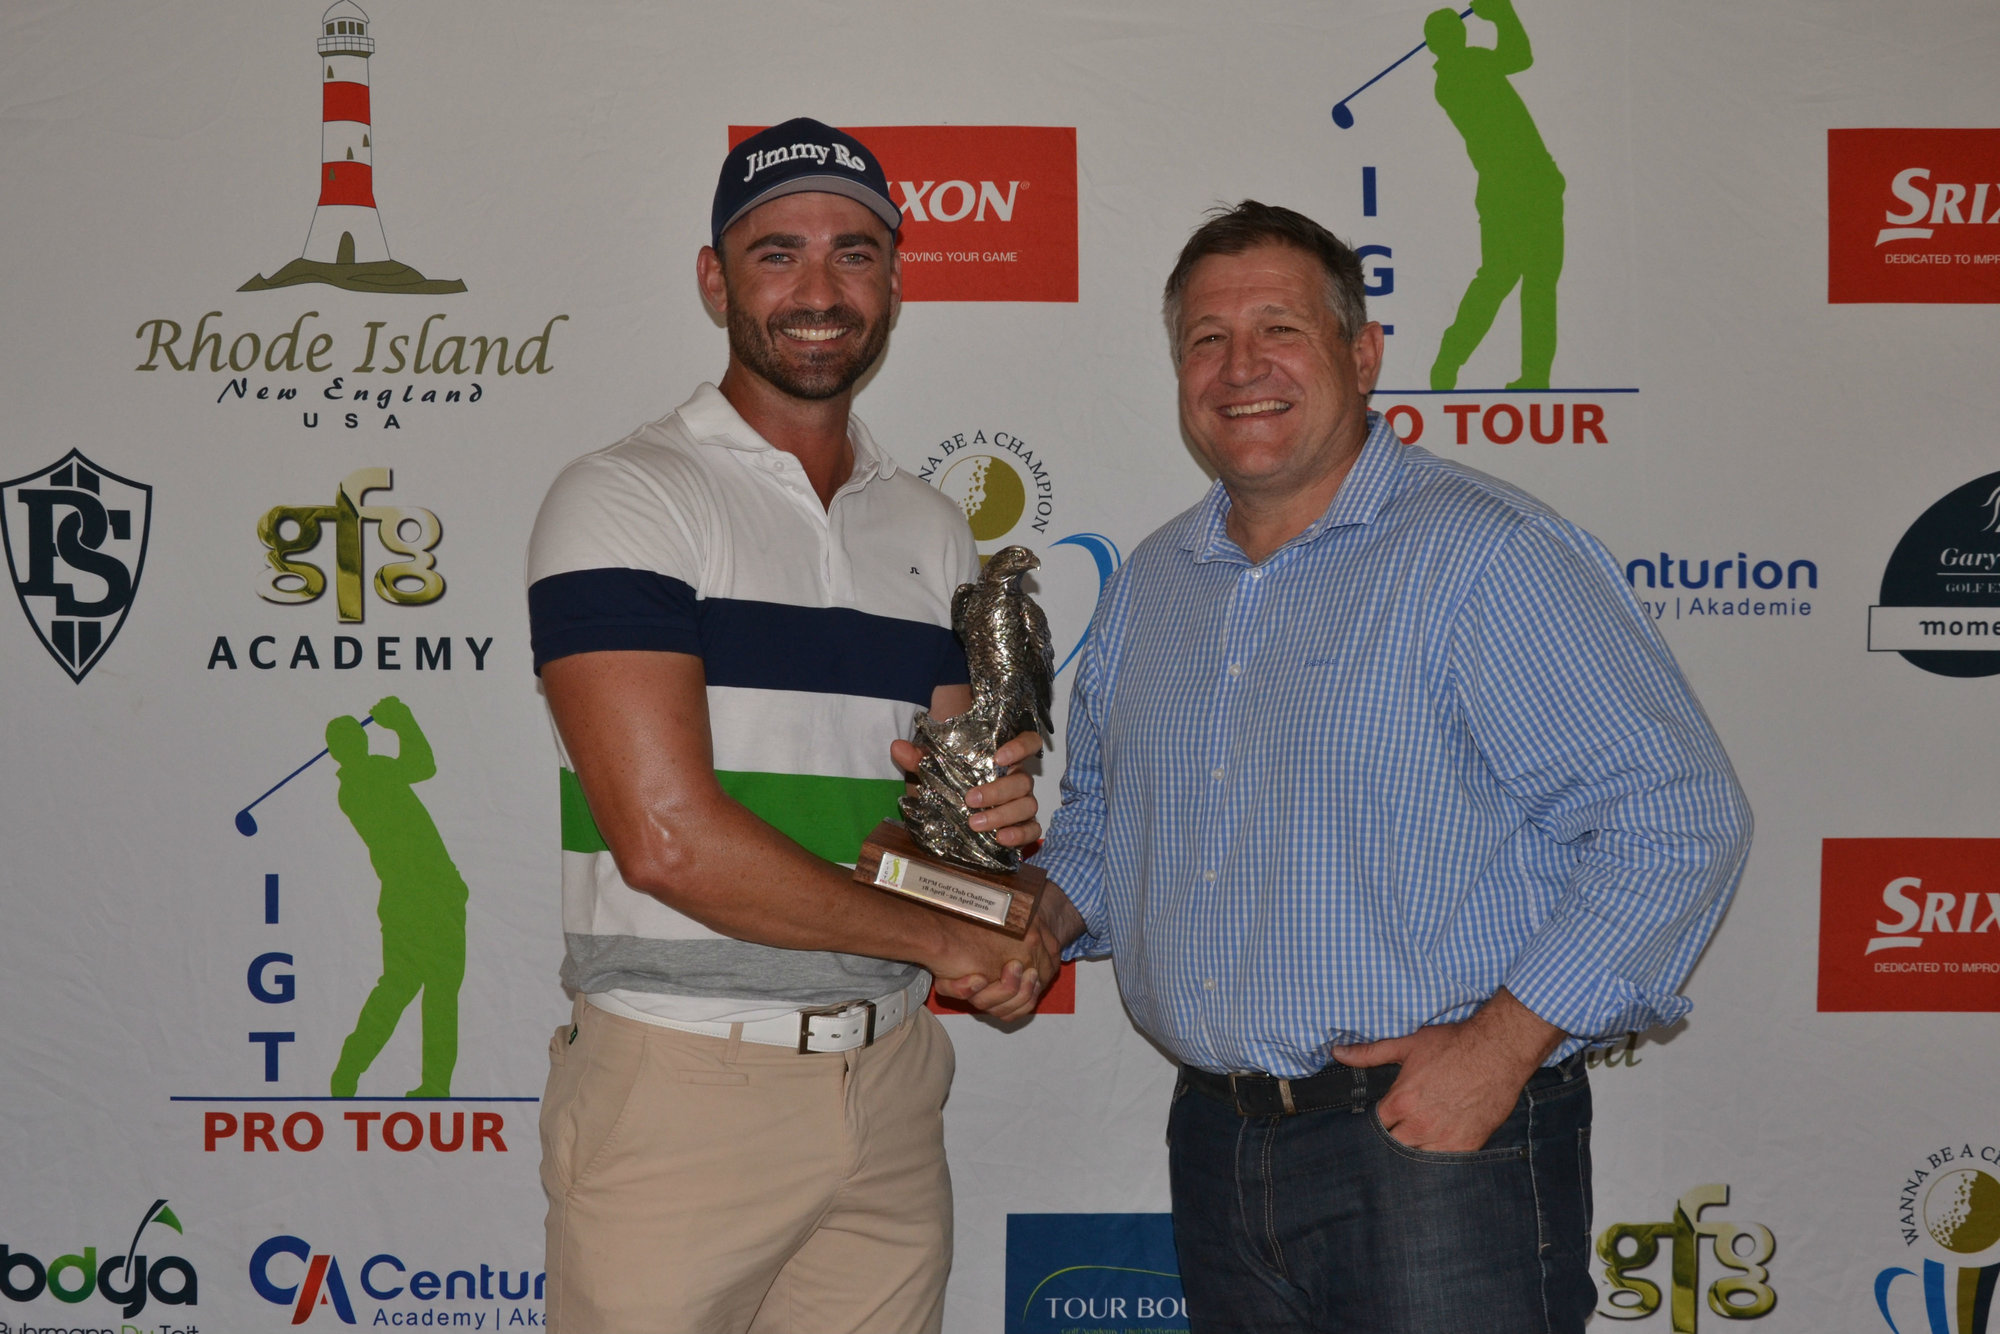 All hail Haig as he breaks a three-year trophy drought